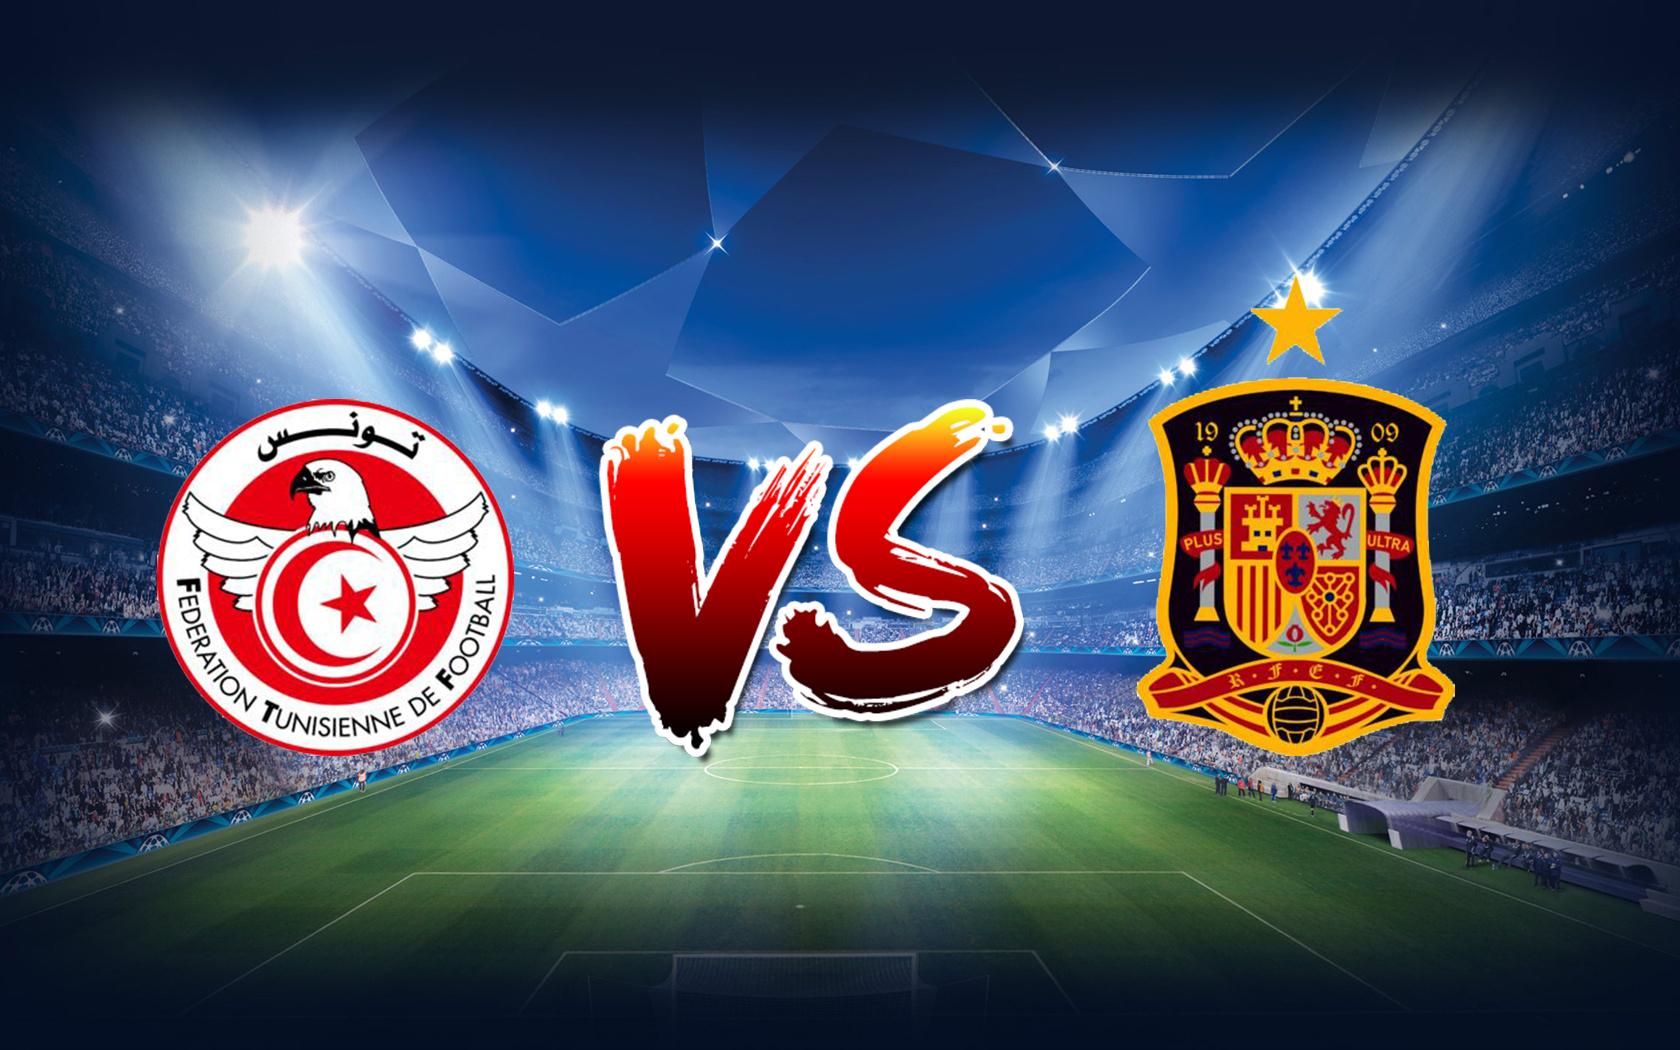 足球国际赛 突尼斯vs西班牙 竞彩分析推荐-今日热点